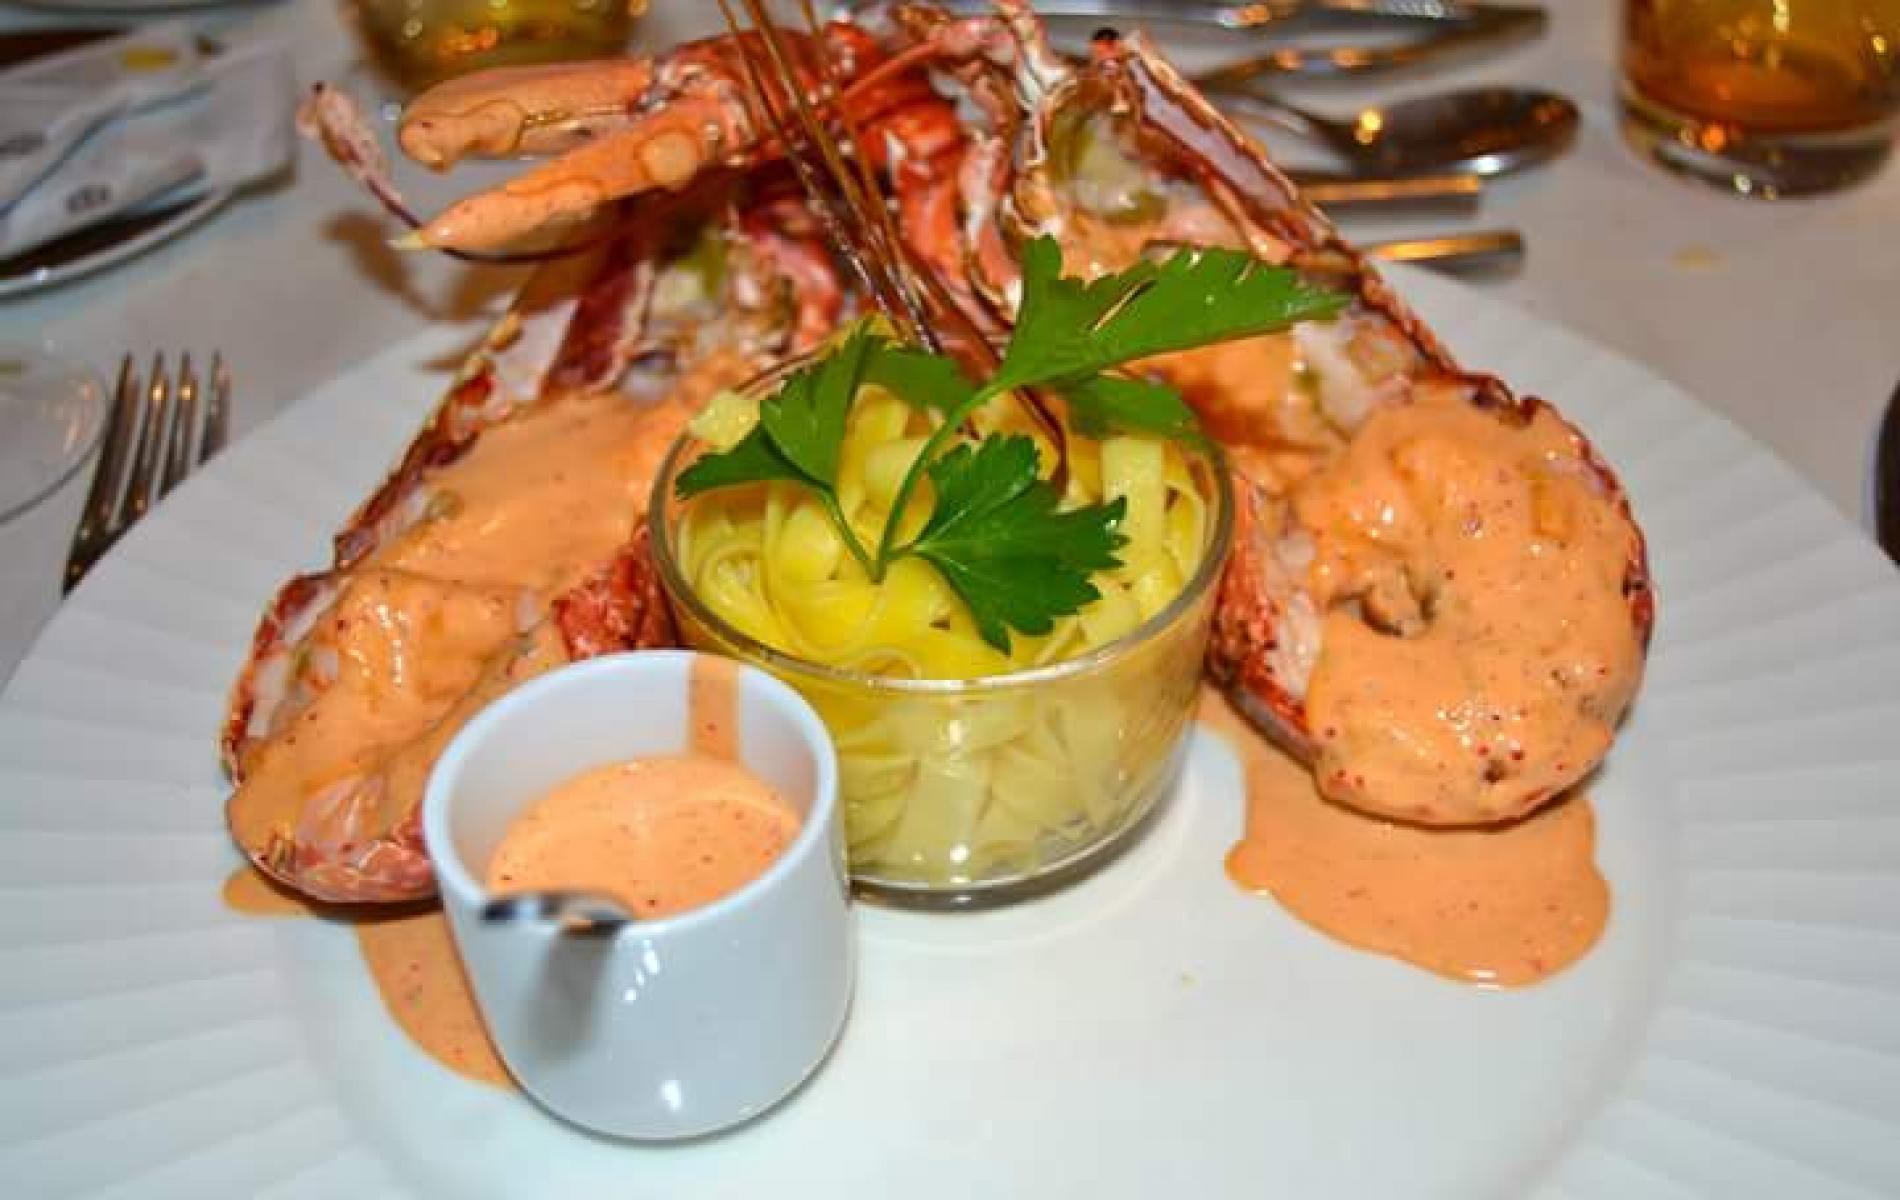 Plats du restaurant à Deauville Augusto chez Laurent